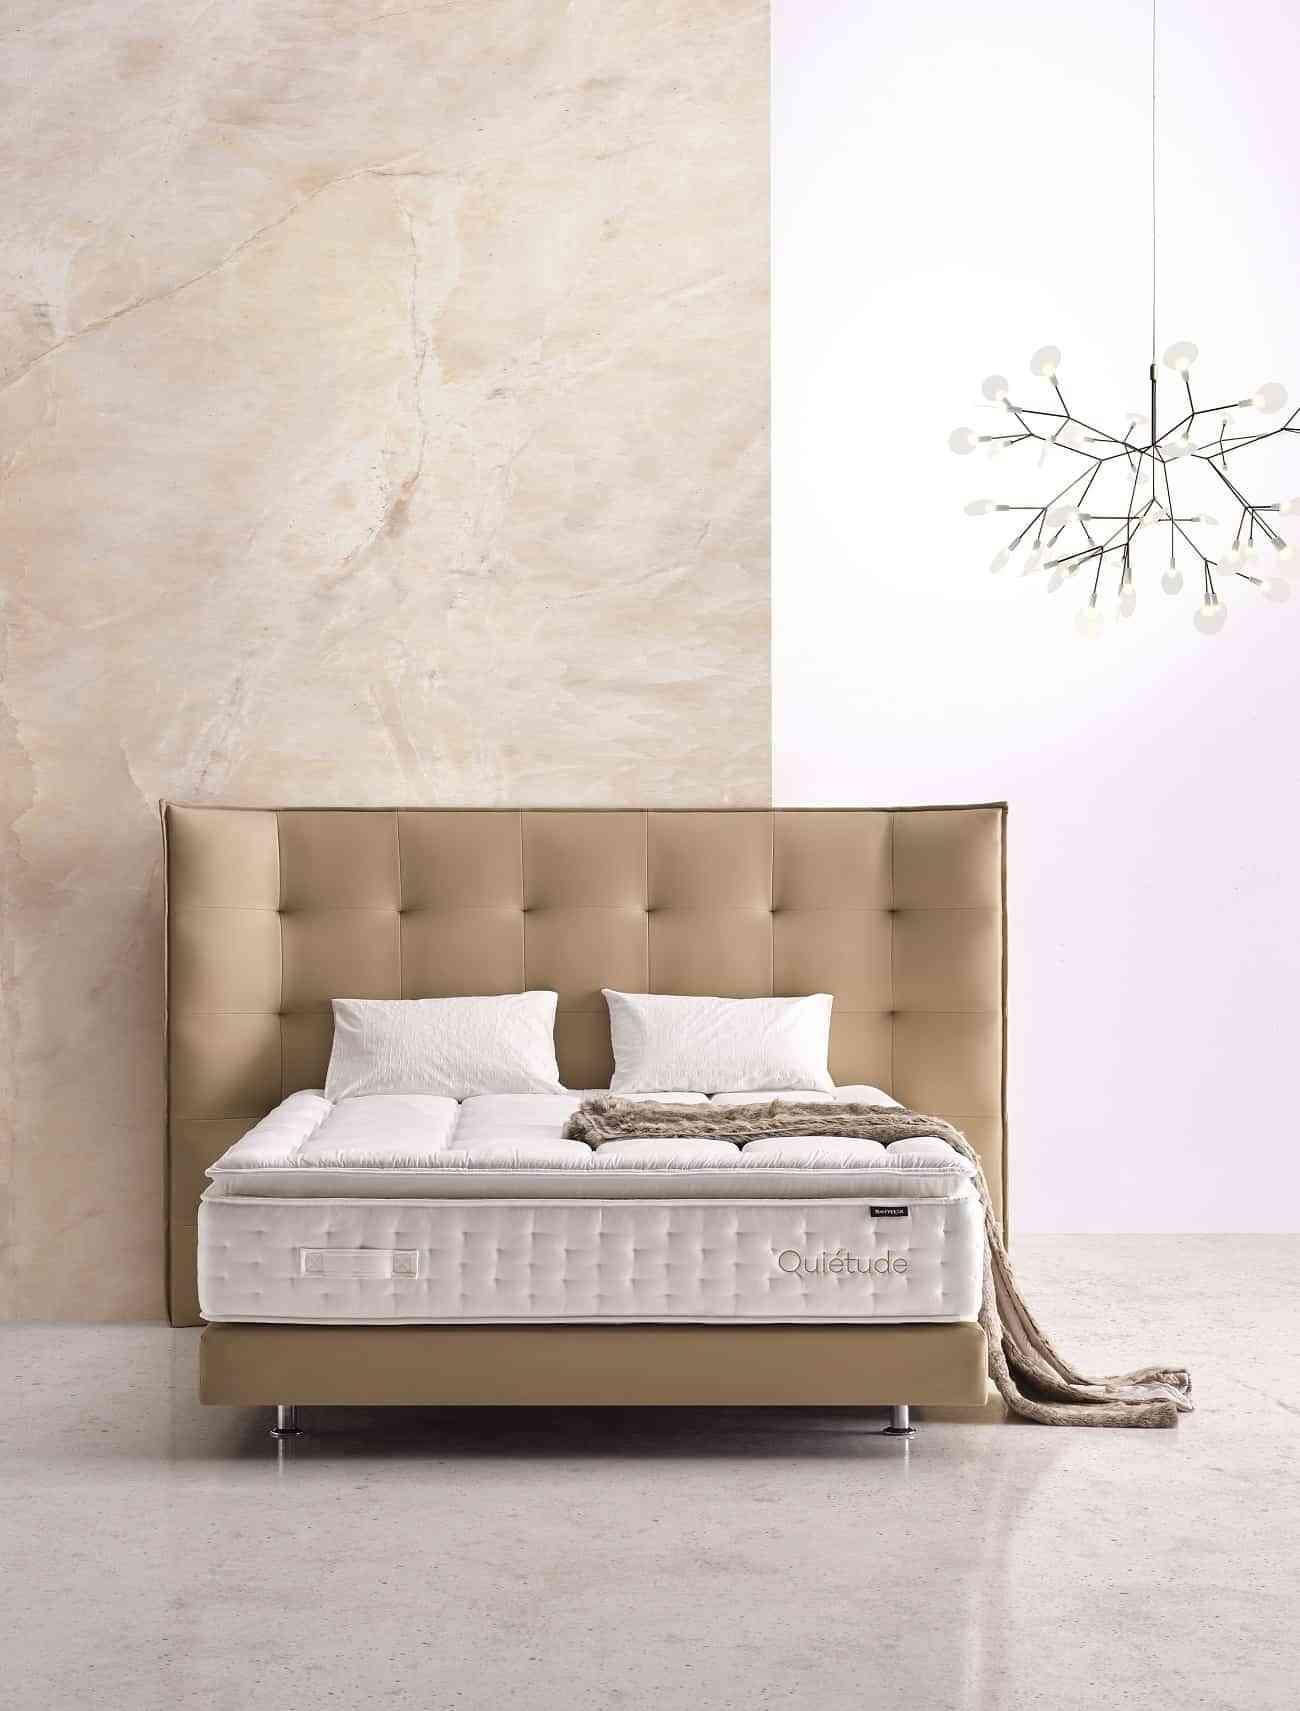 QUIÉTUDE de Senttix, un colchón para un descanso reparador